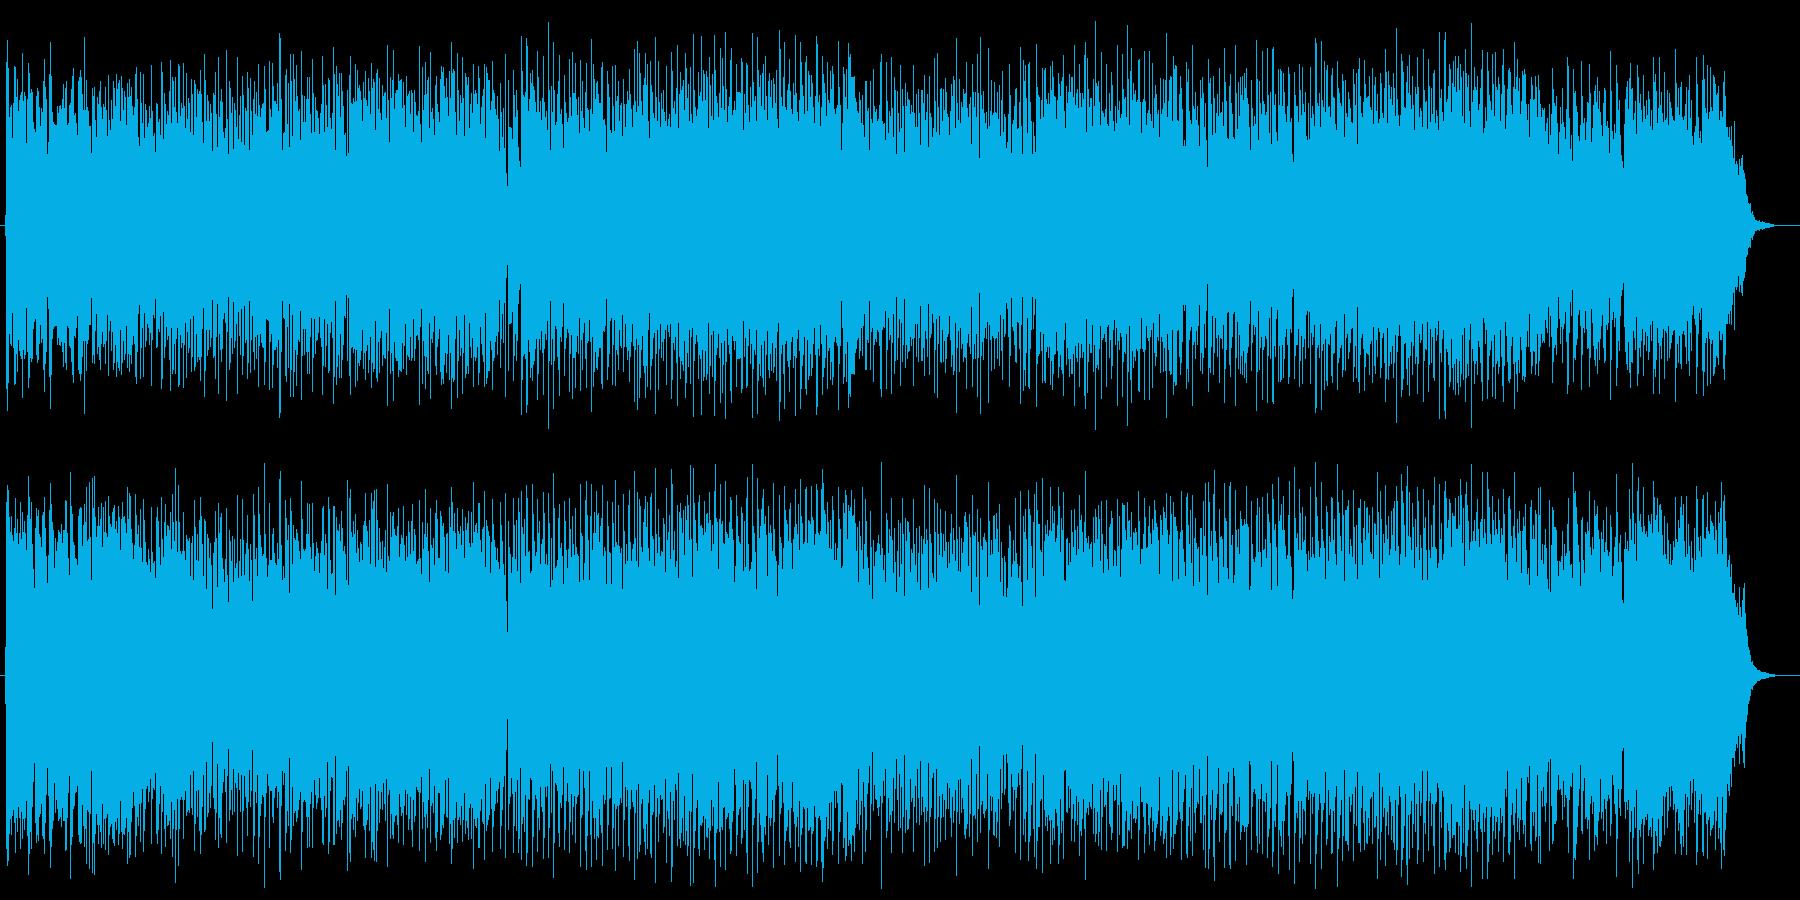 親しみやすいメロディの王道青春ポップスの再生済みの波形